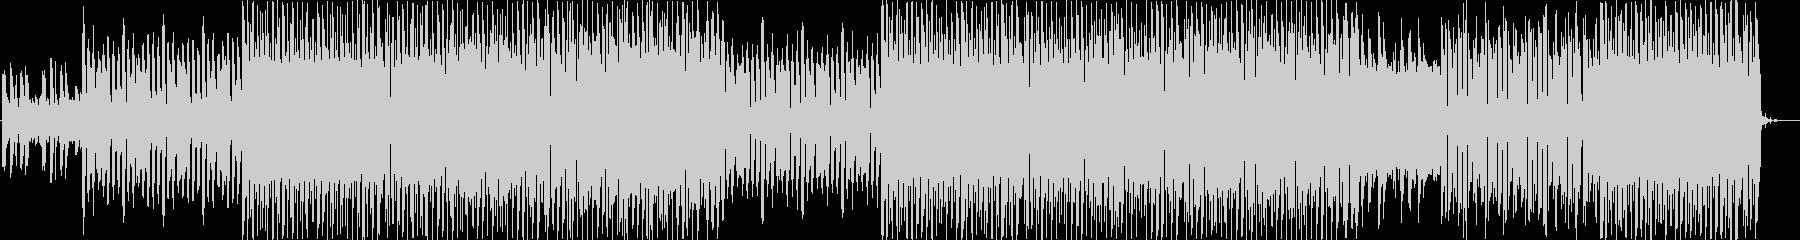 レトロフューチャー的なエレクトロ風楽曲…の未再生の波形